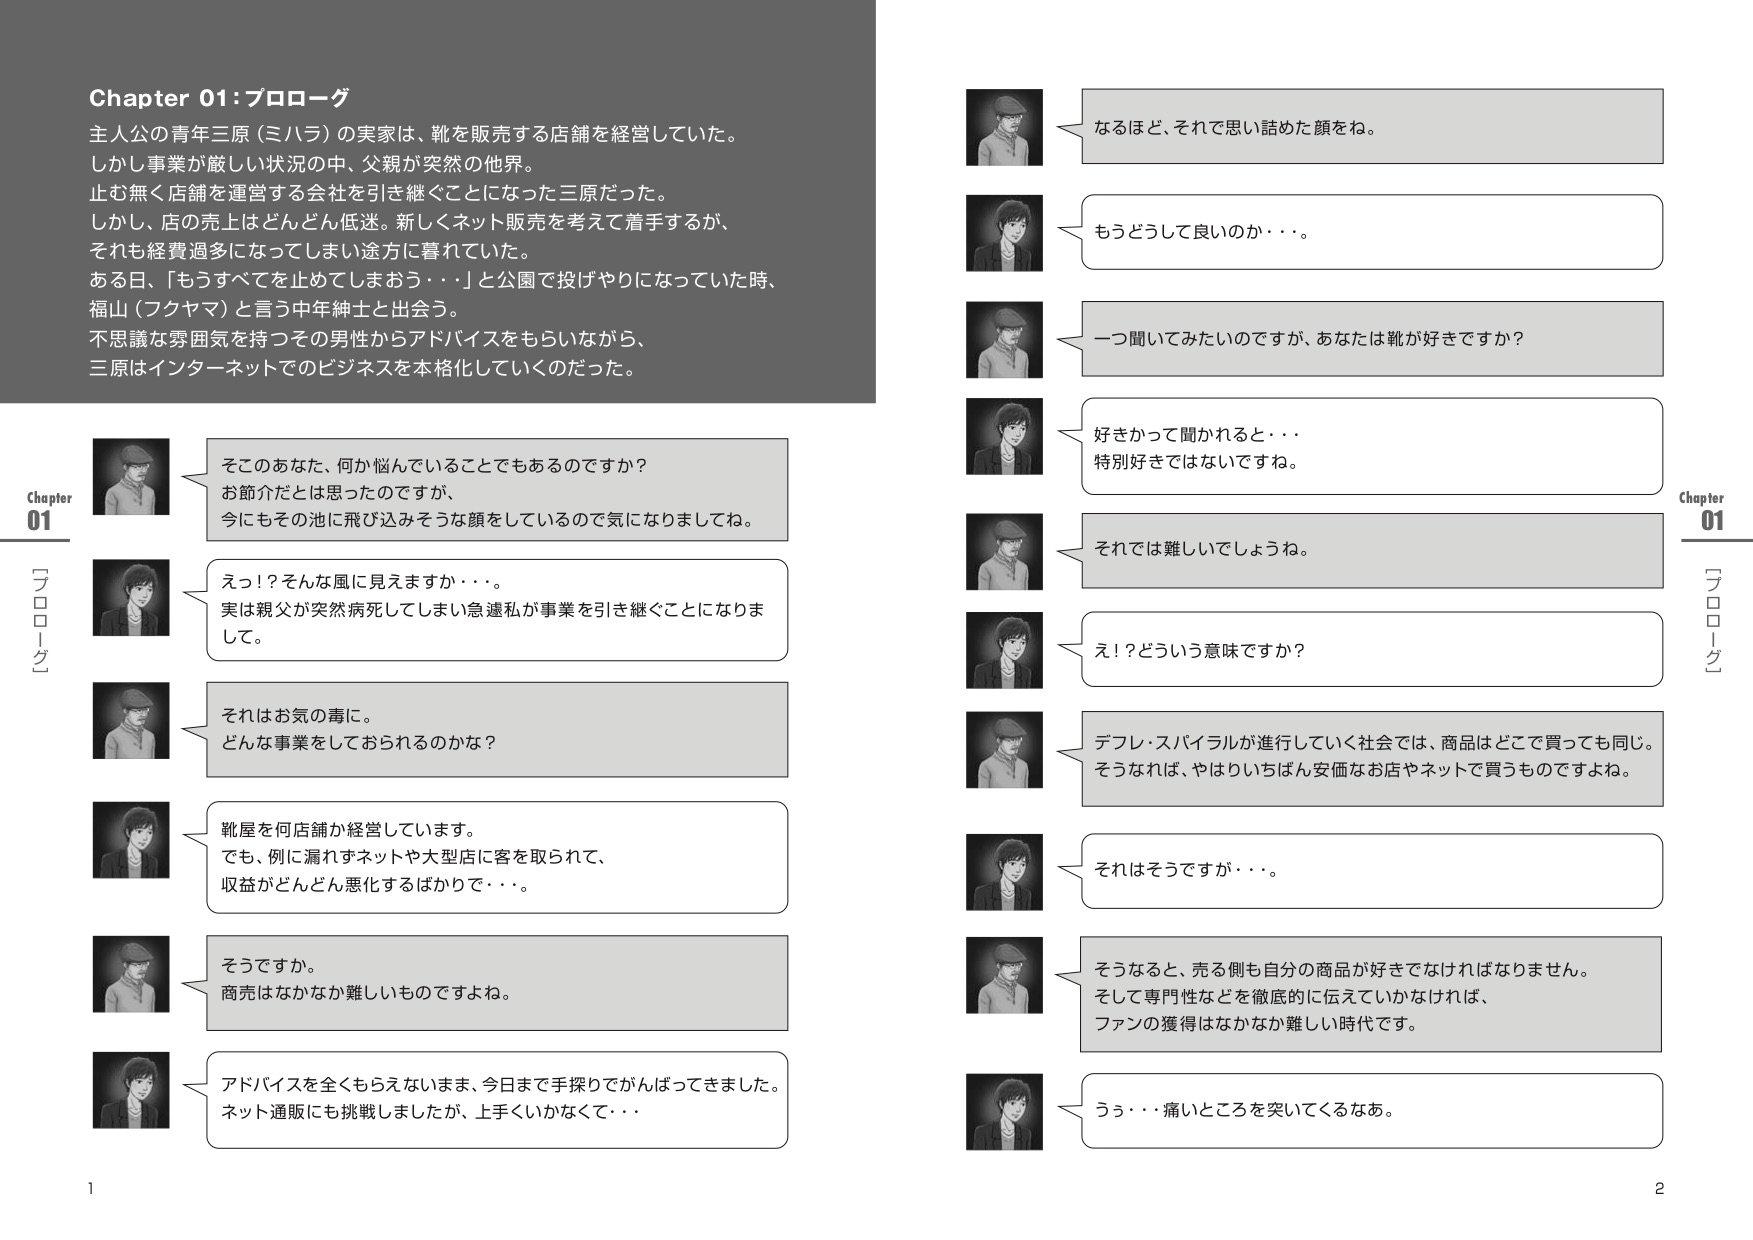 P01_P02のコピー